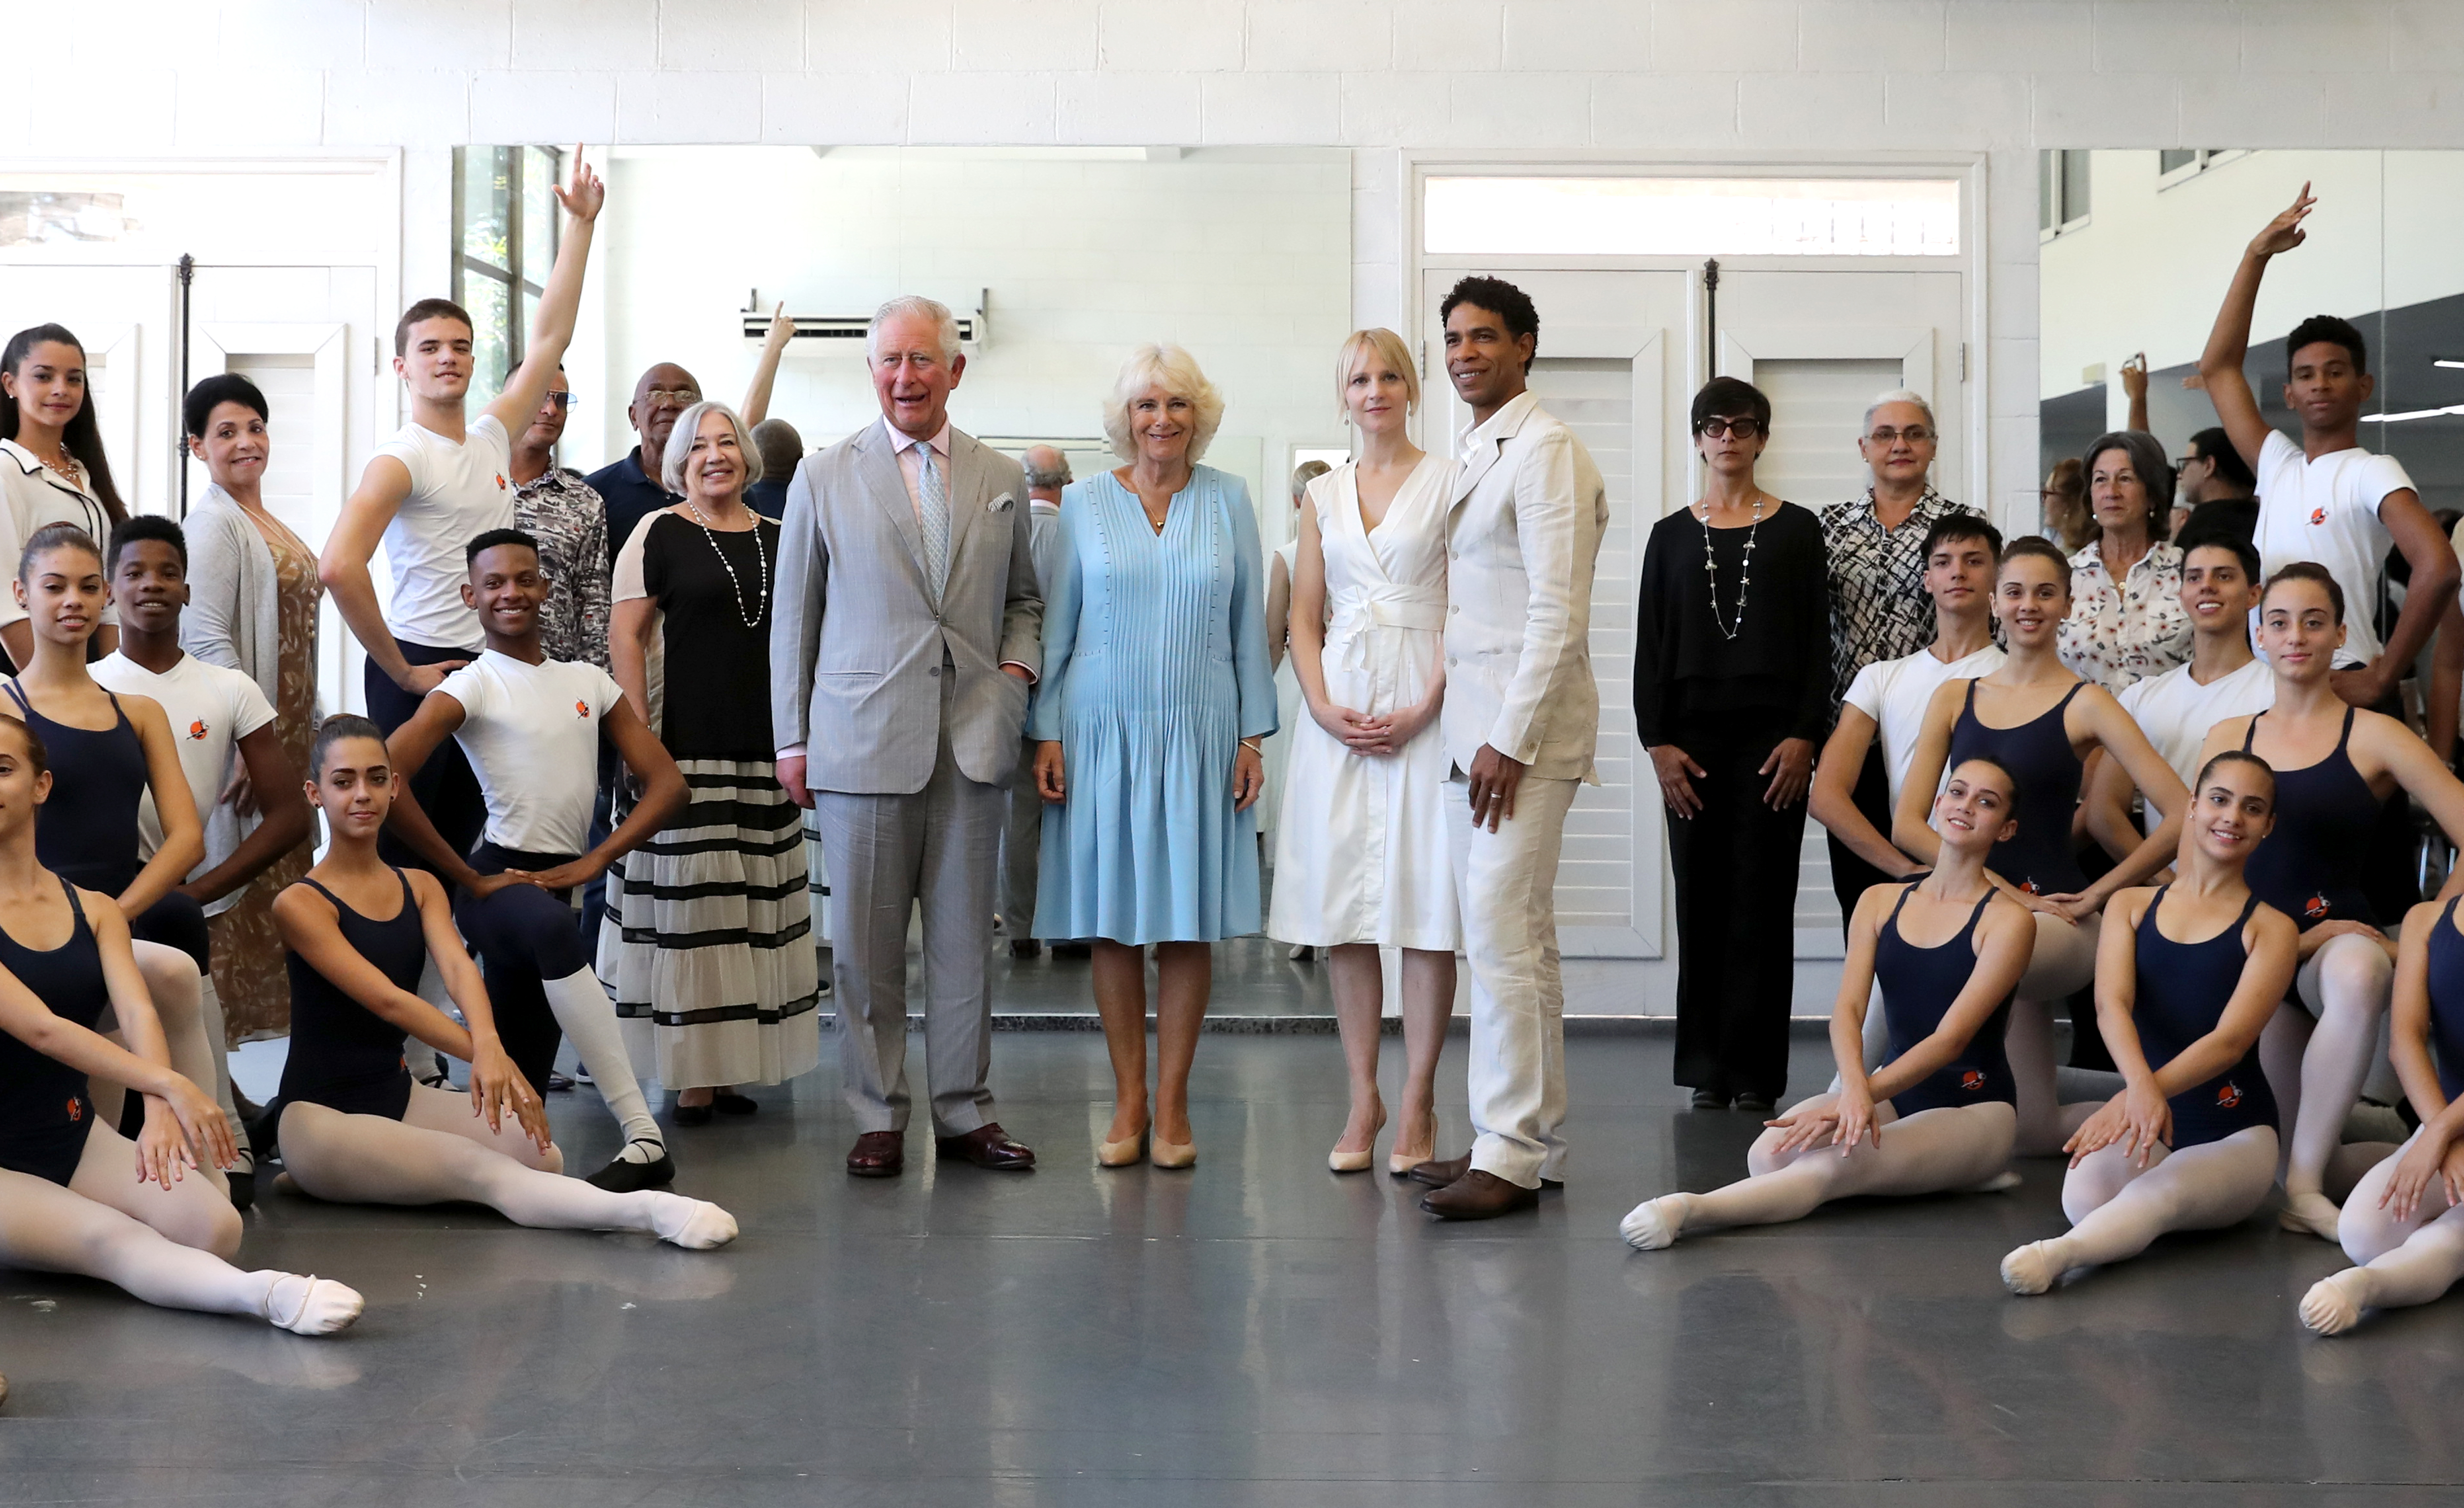 Принц Чарлз, носещ слънчеви очила, за да се предпази от жаркото карибско слънце, посети боксова школа и балетния център на танцьора Карлос Акоста, обявен наскоро за директор на Кралския балет на Бирмингам.